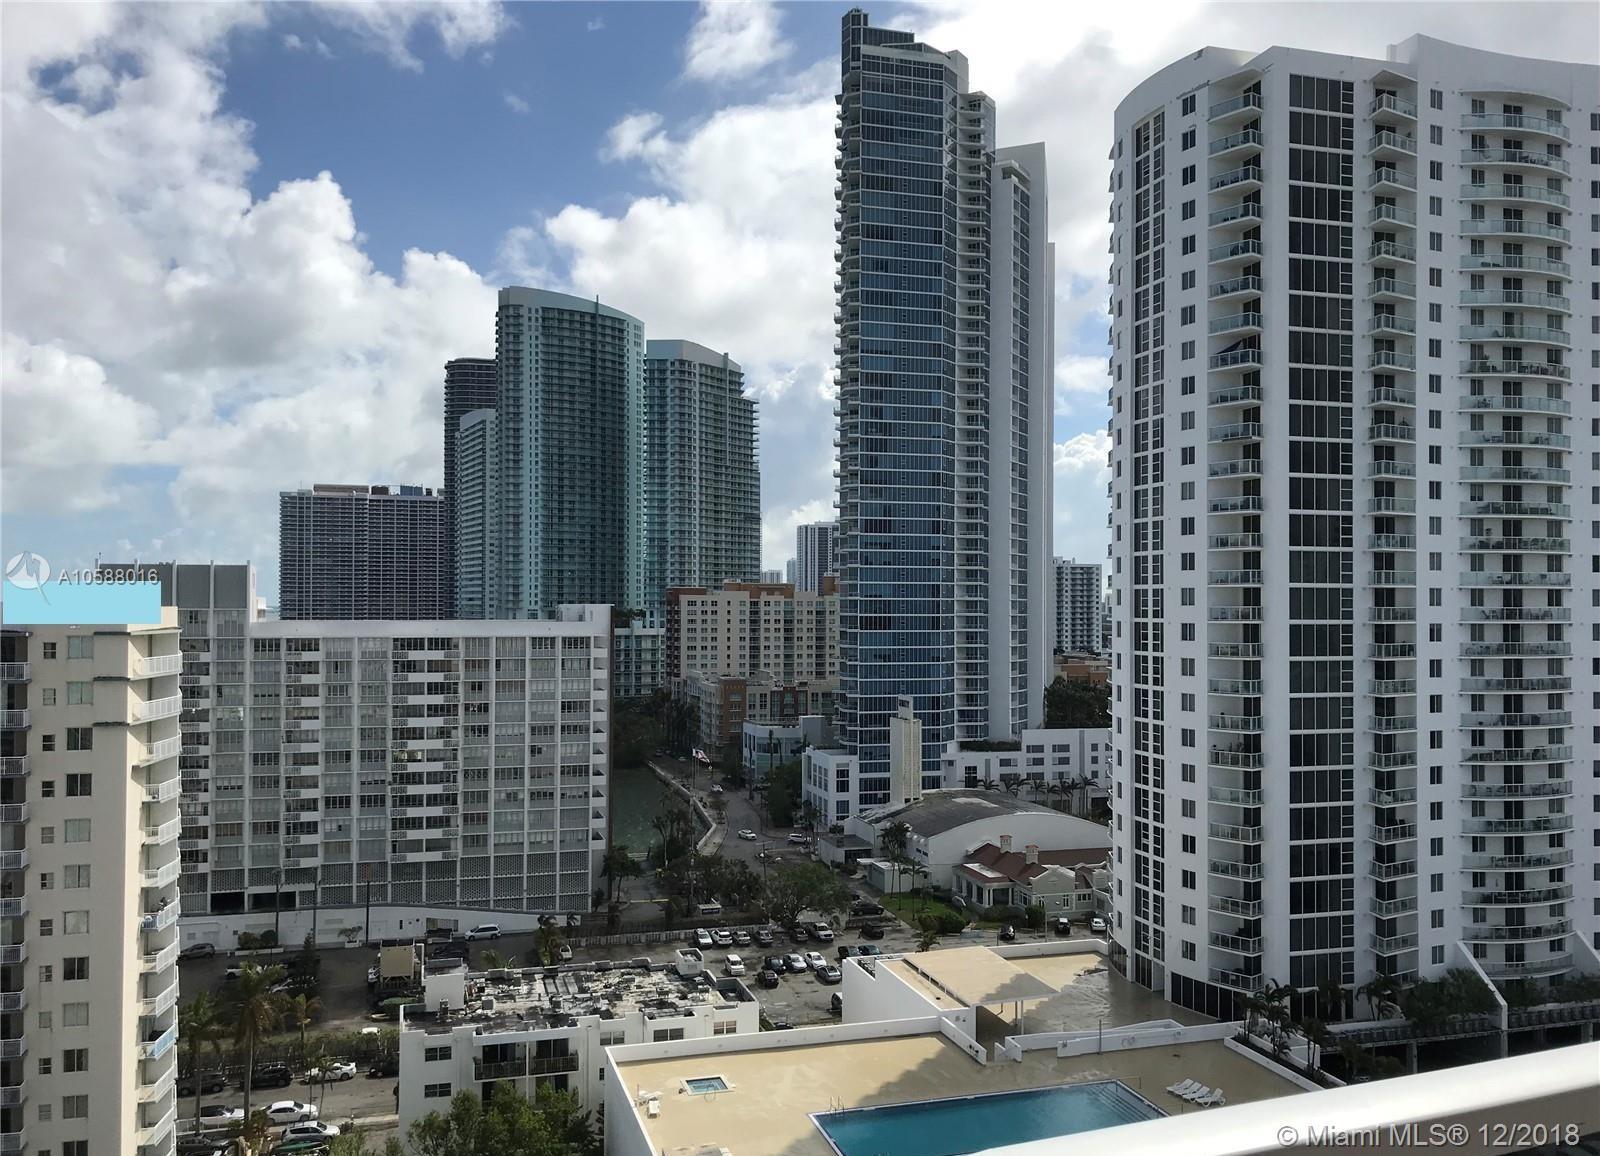 601 NE 23 # 1605, Miami, Florida 33137, 3 Bedrooms Bedrooms, ,2 BathroomsBathrooms,Residential,For Sale,601 NE 23 # 1605,A10588016